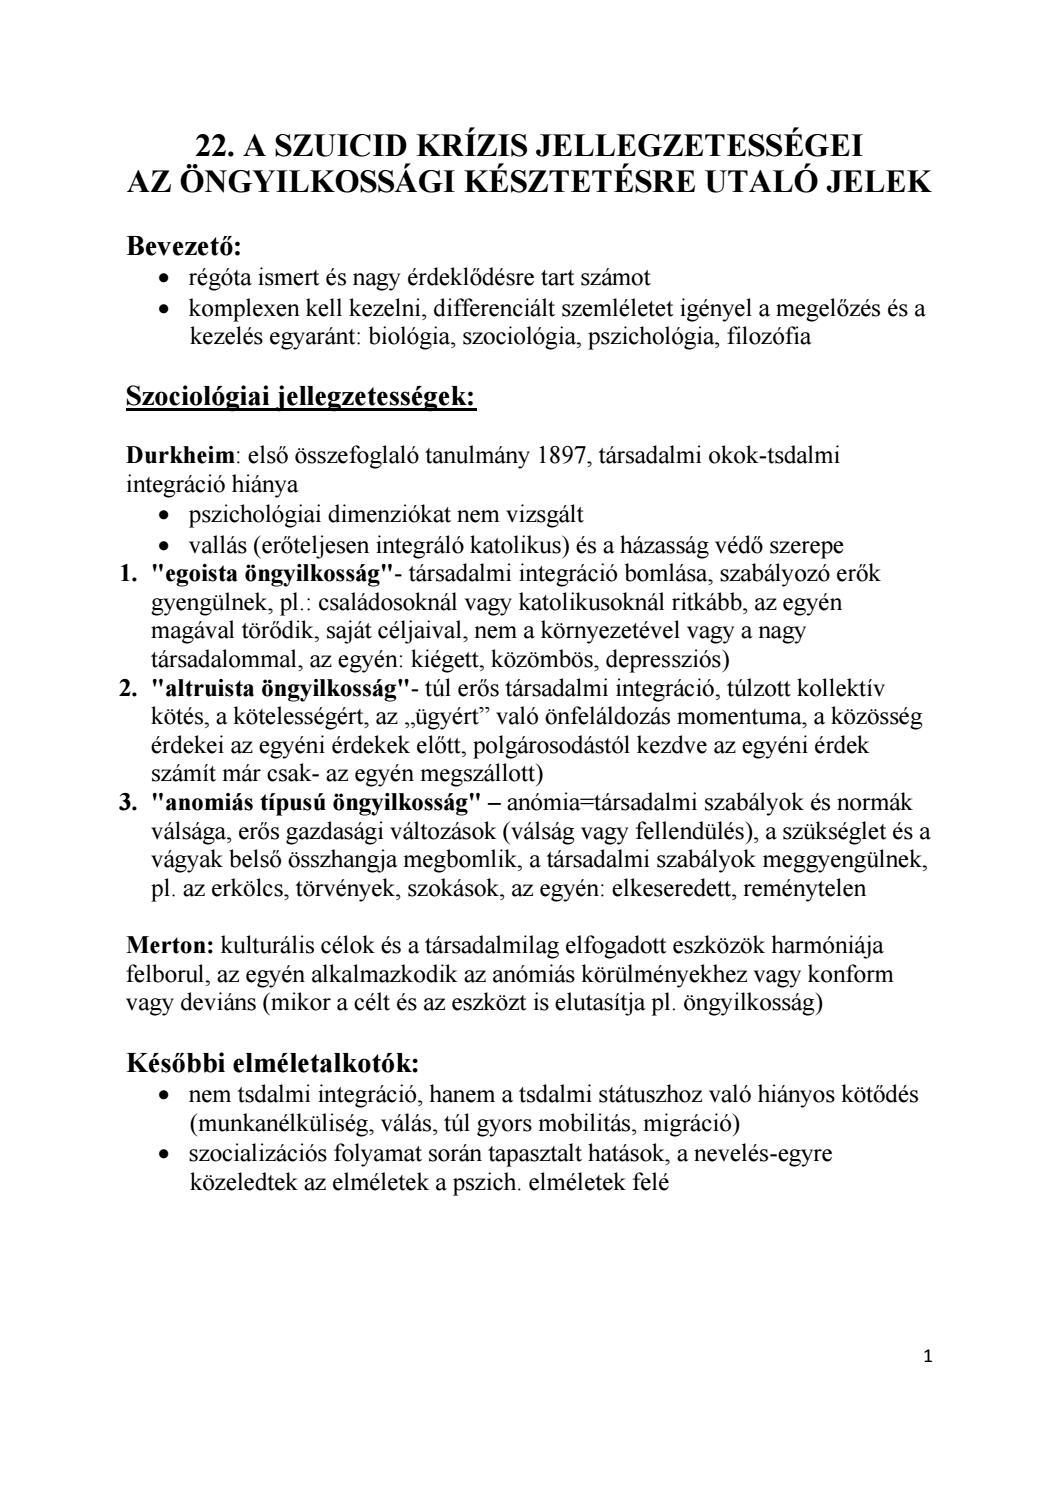 papilloma etimológia biológiai ciklus enterobiasis